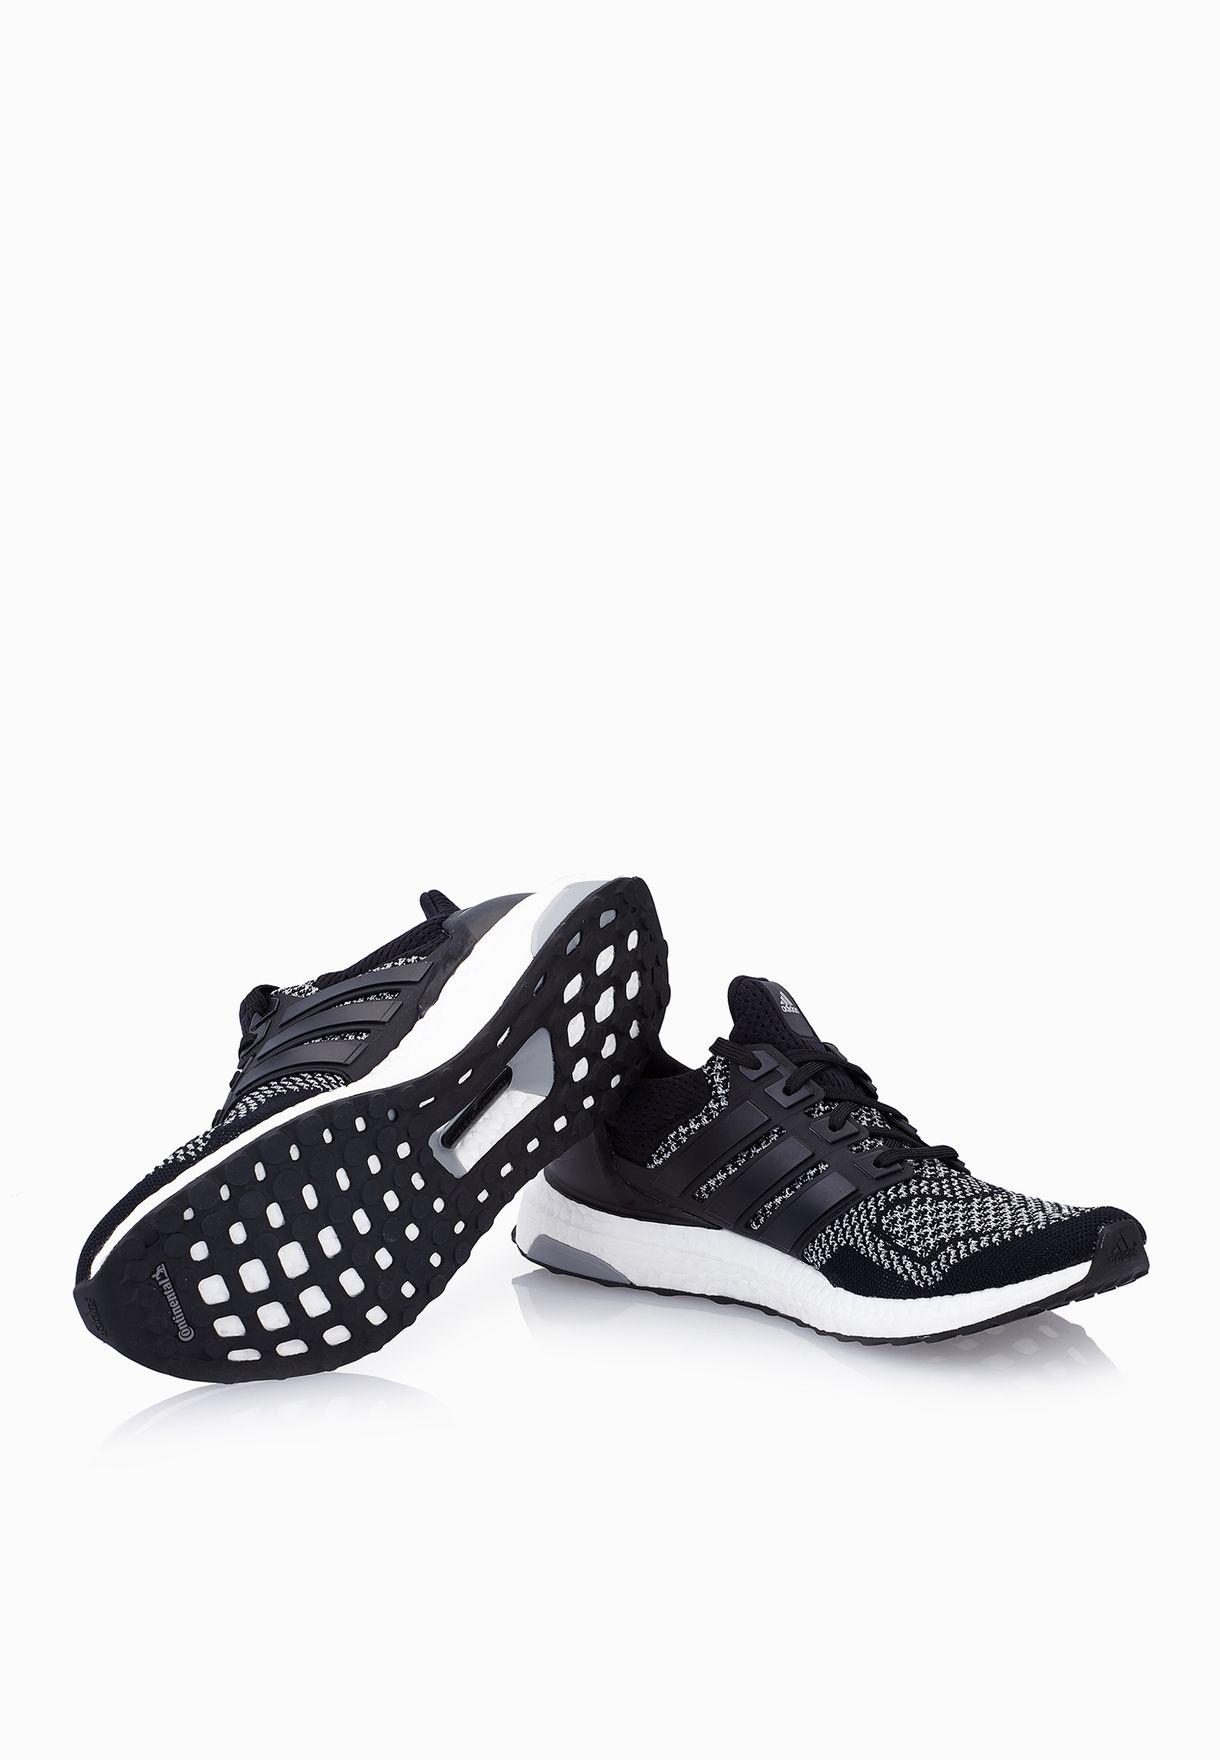 on sale 263d9 6397f Shop adidas black Ultra Boost Ltd AQ5561 for Men in Qatar ...